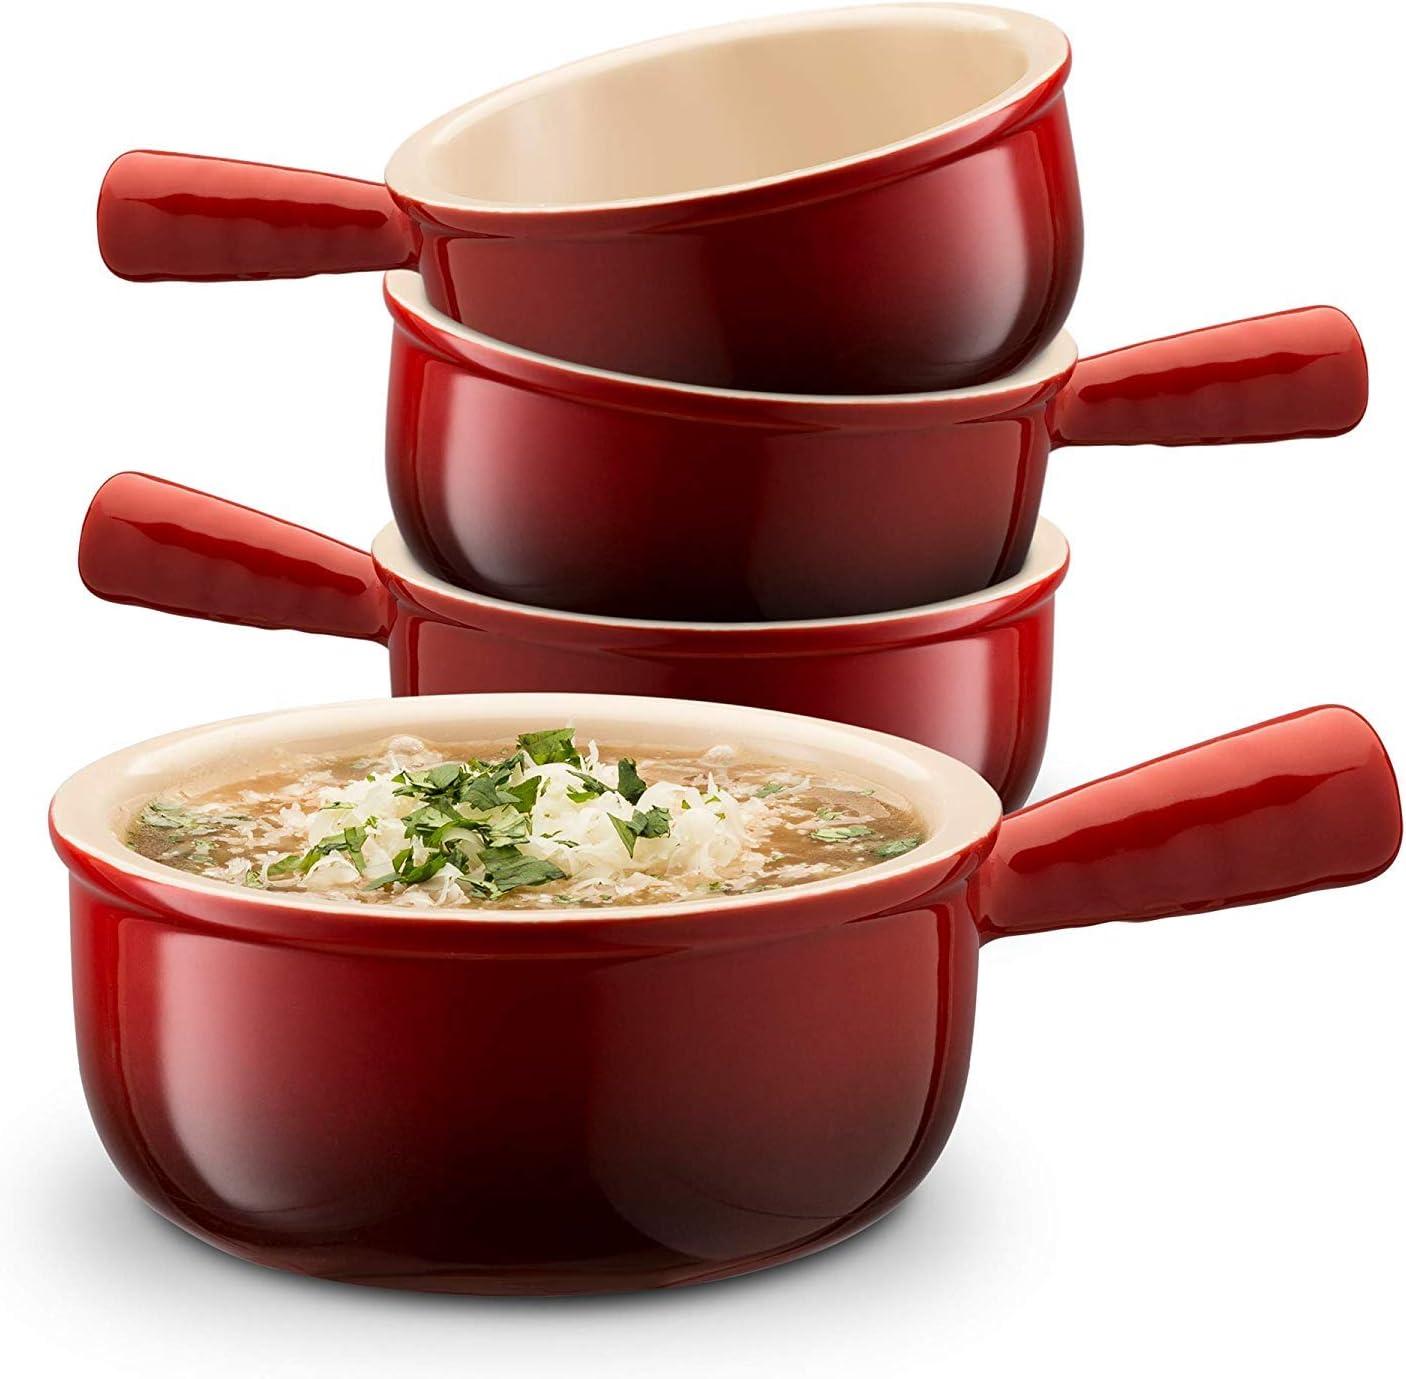 Bols /à soupe en c/éramique avec oignons fran/çais Lot de 4 12 onces avec poign/ées